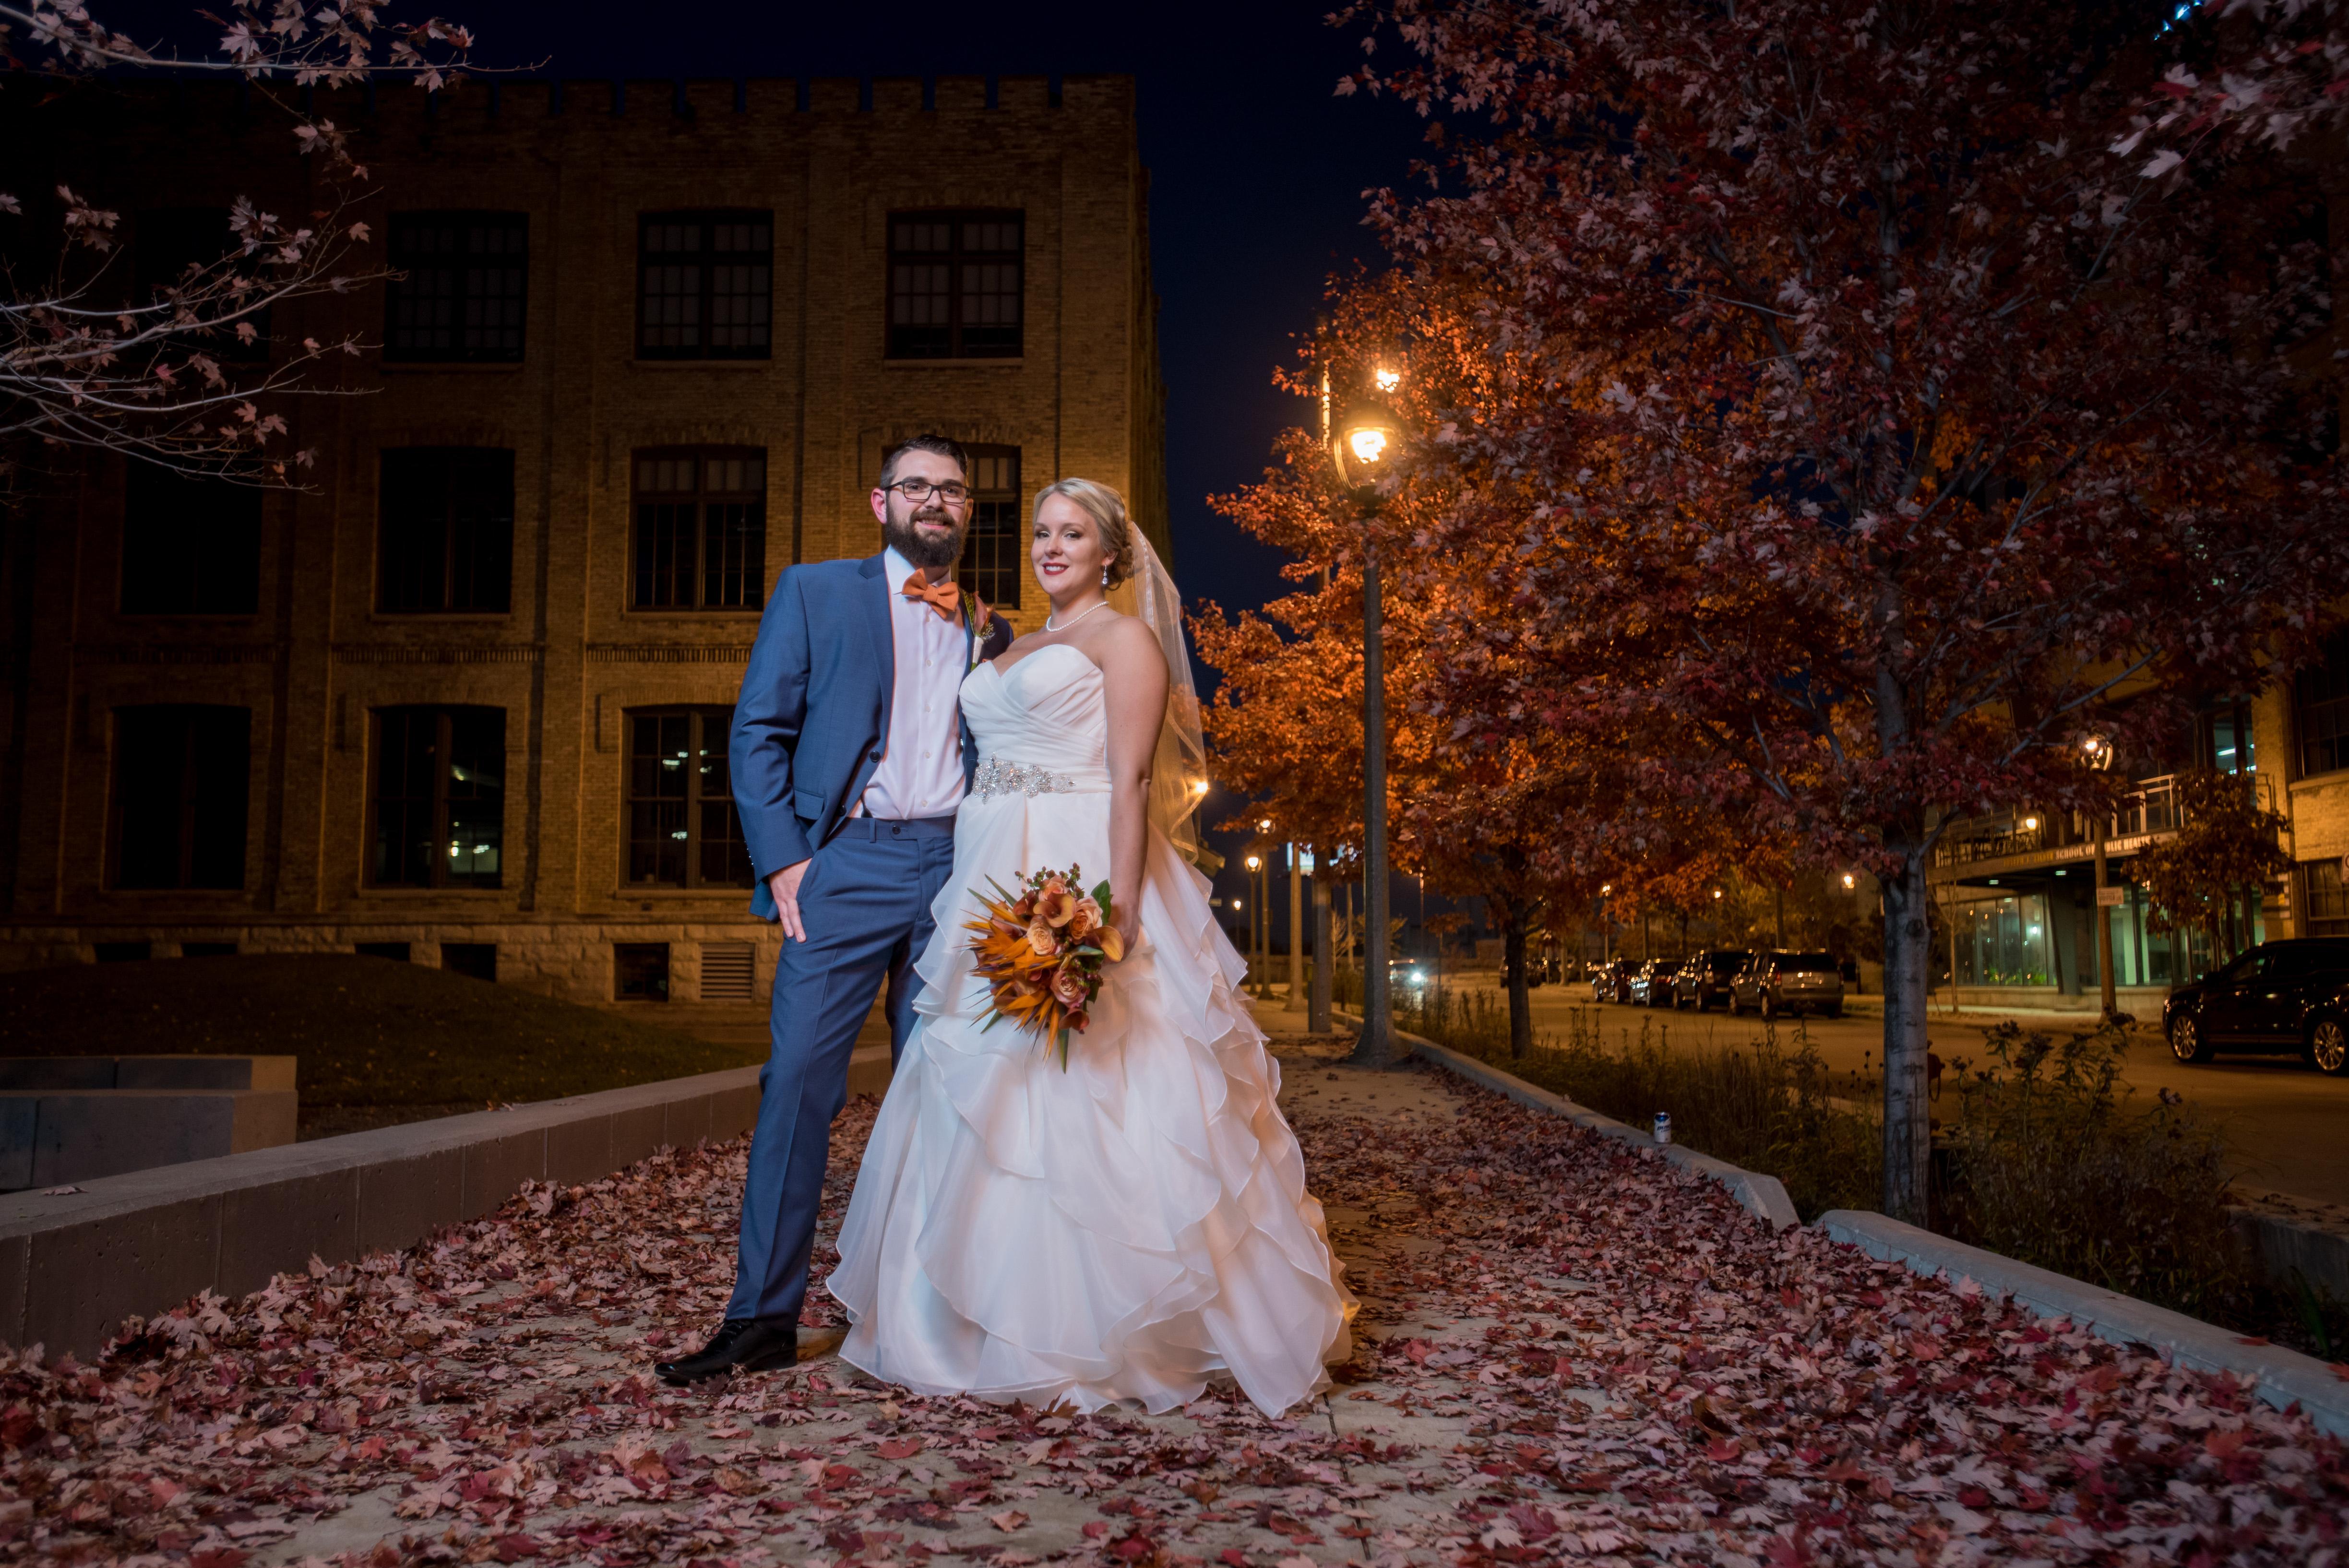 Milwaukee Wedding Photography-Jadon Good Photography_054